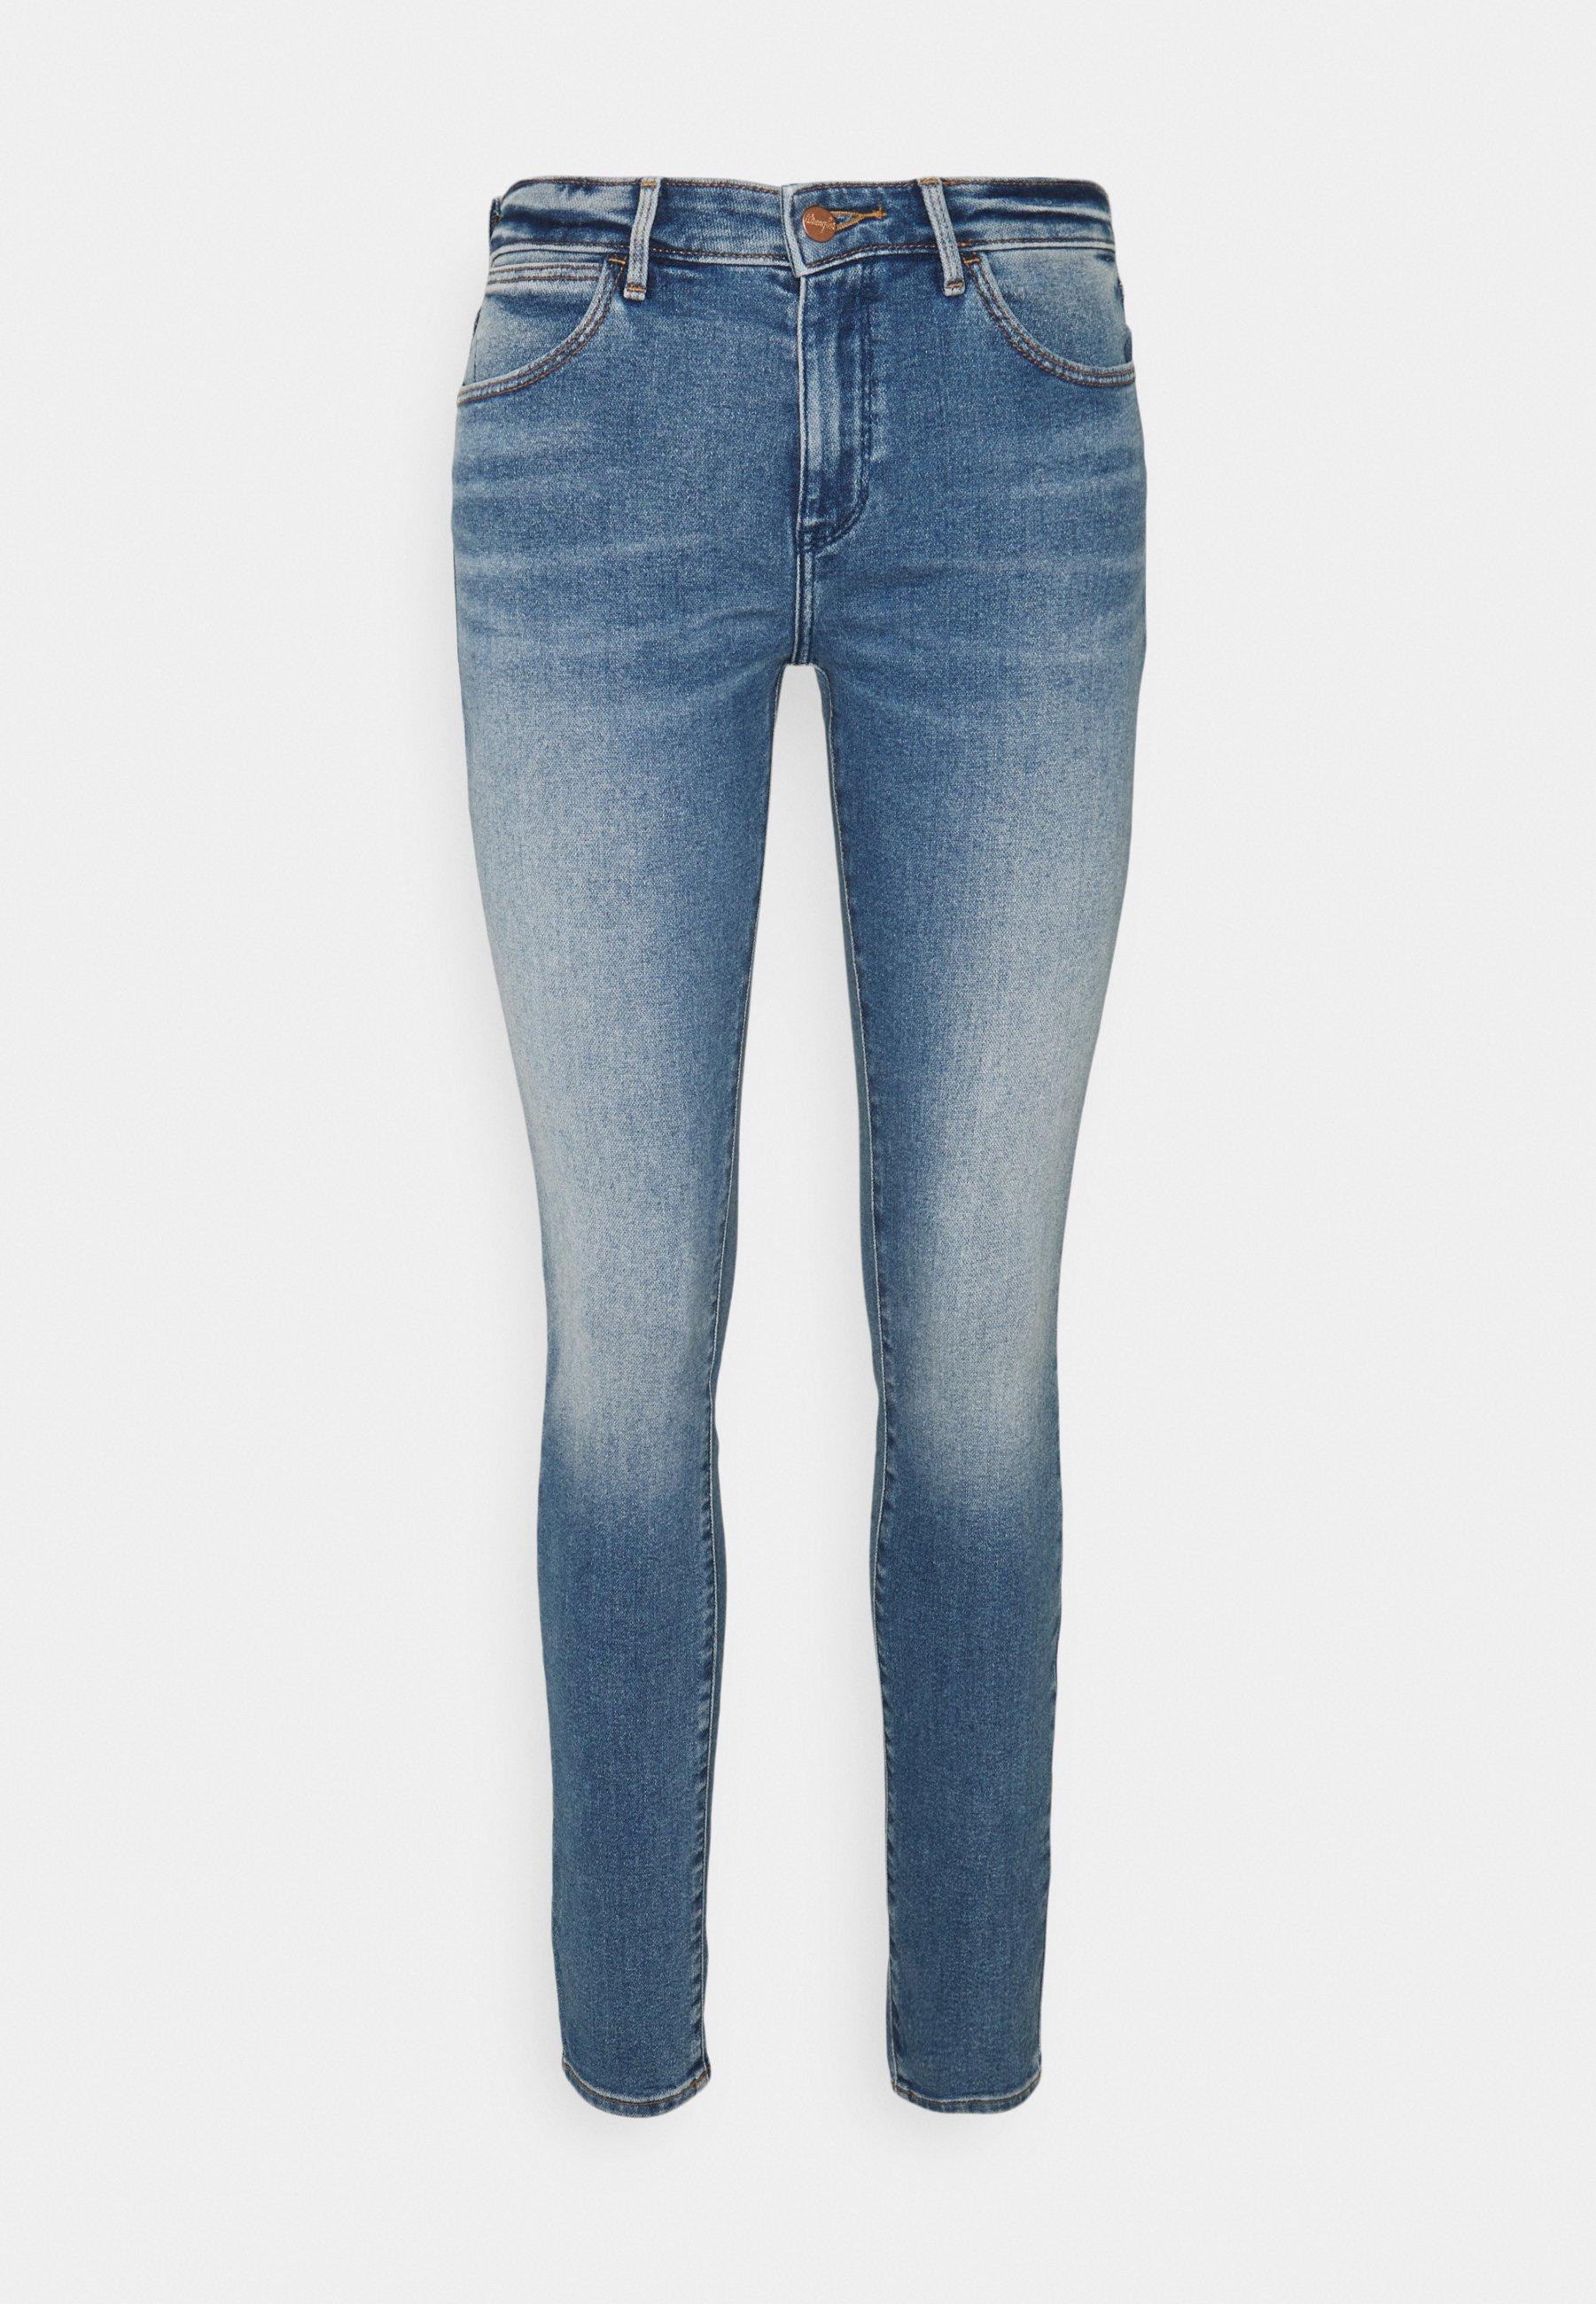 Damen Jeans Skinny Fit